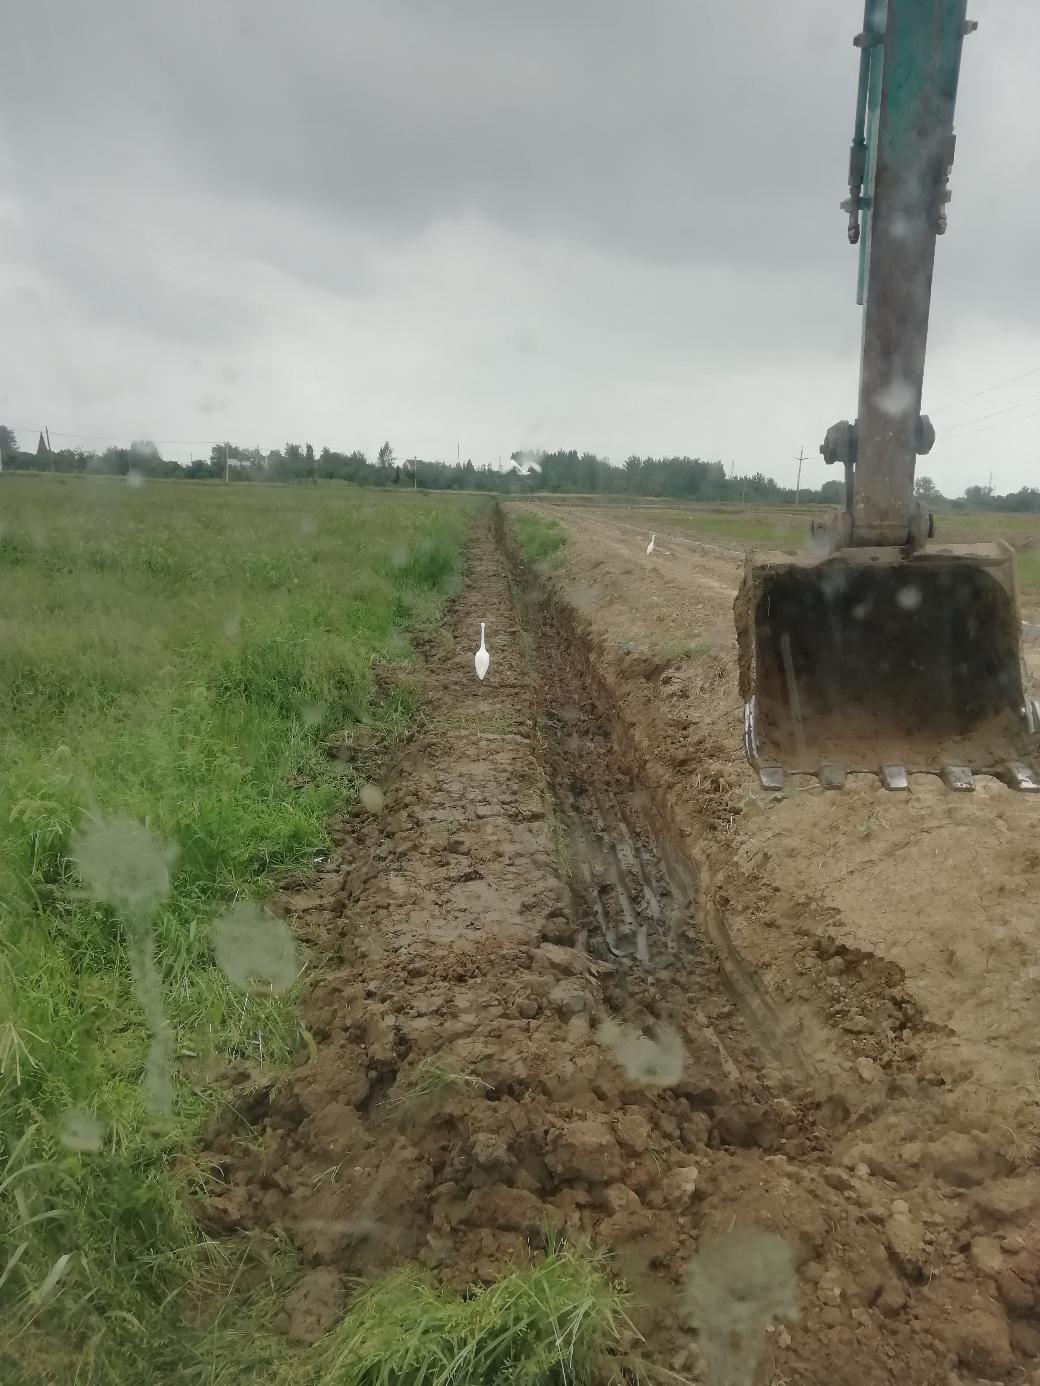 小挖机挖沟作梗有啥技巧吗